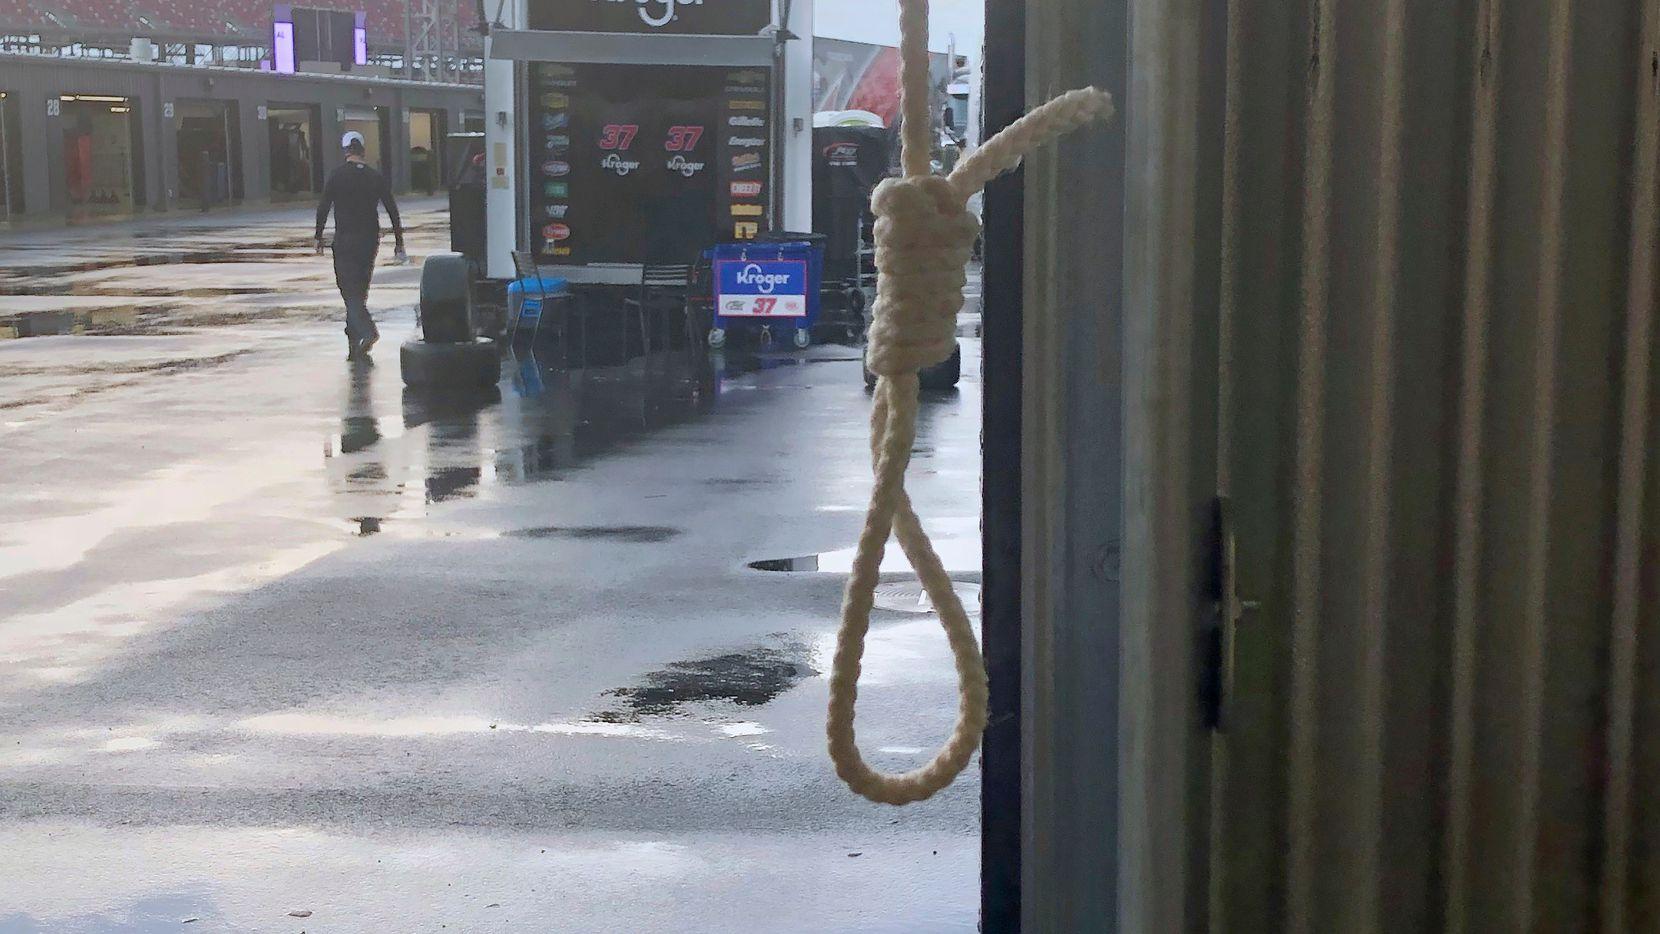 Foto distribuida por Nascar para mostrar la soga encontrada en el garaje del piloto Bubba Wallace en el Talladega Superspeedway en Talladega, Alabama.